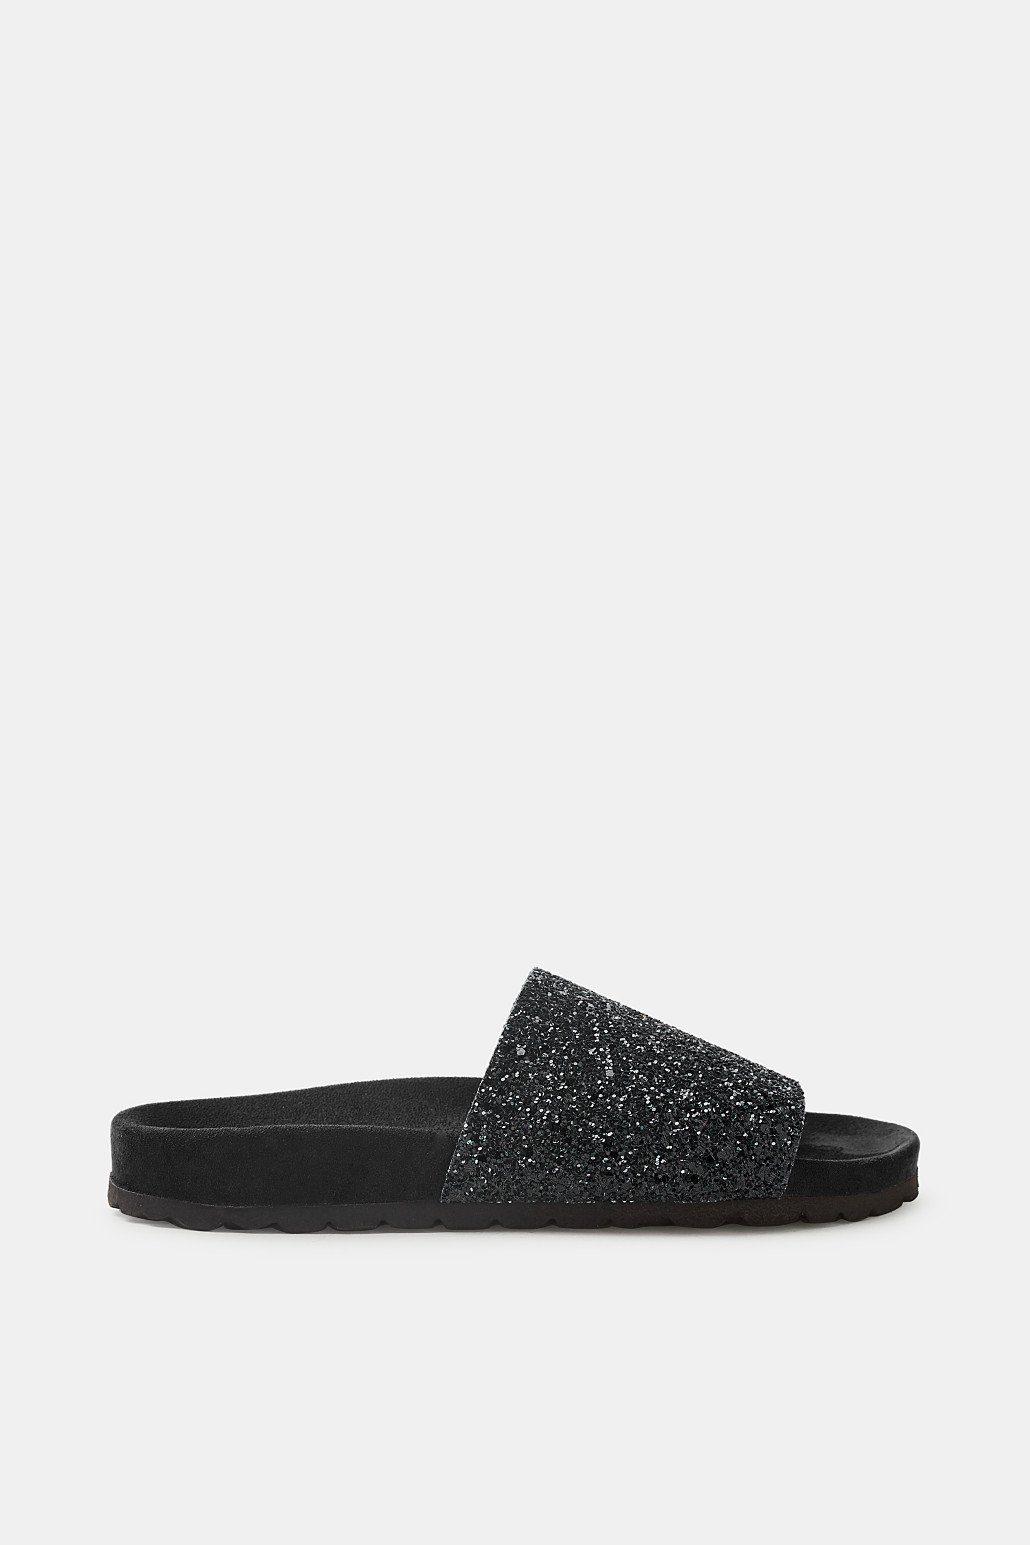 Esprit Plateau-Pantolette mit Glitter-Riemen für Damen, Größe 36, Black